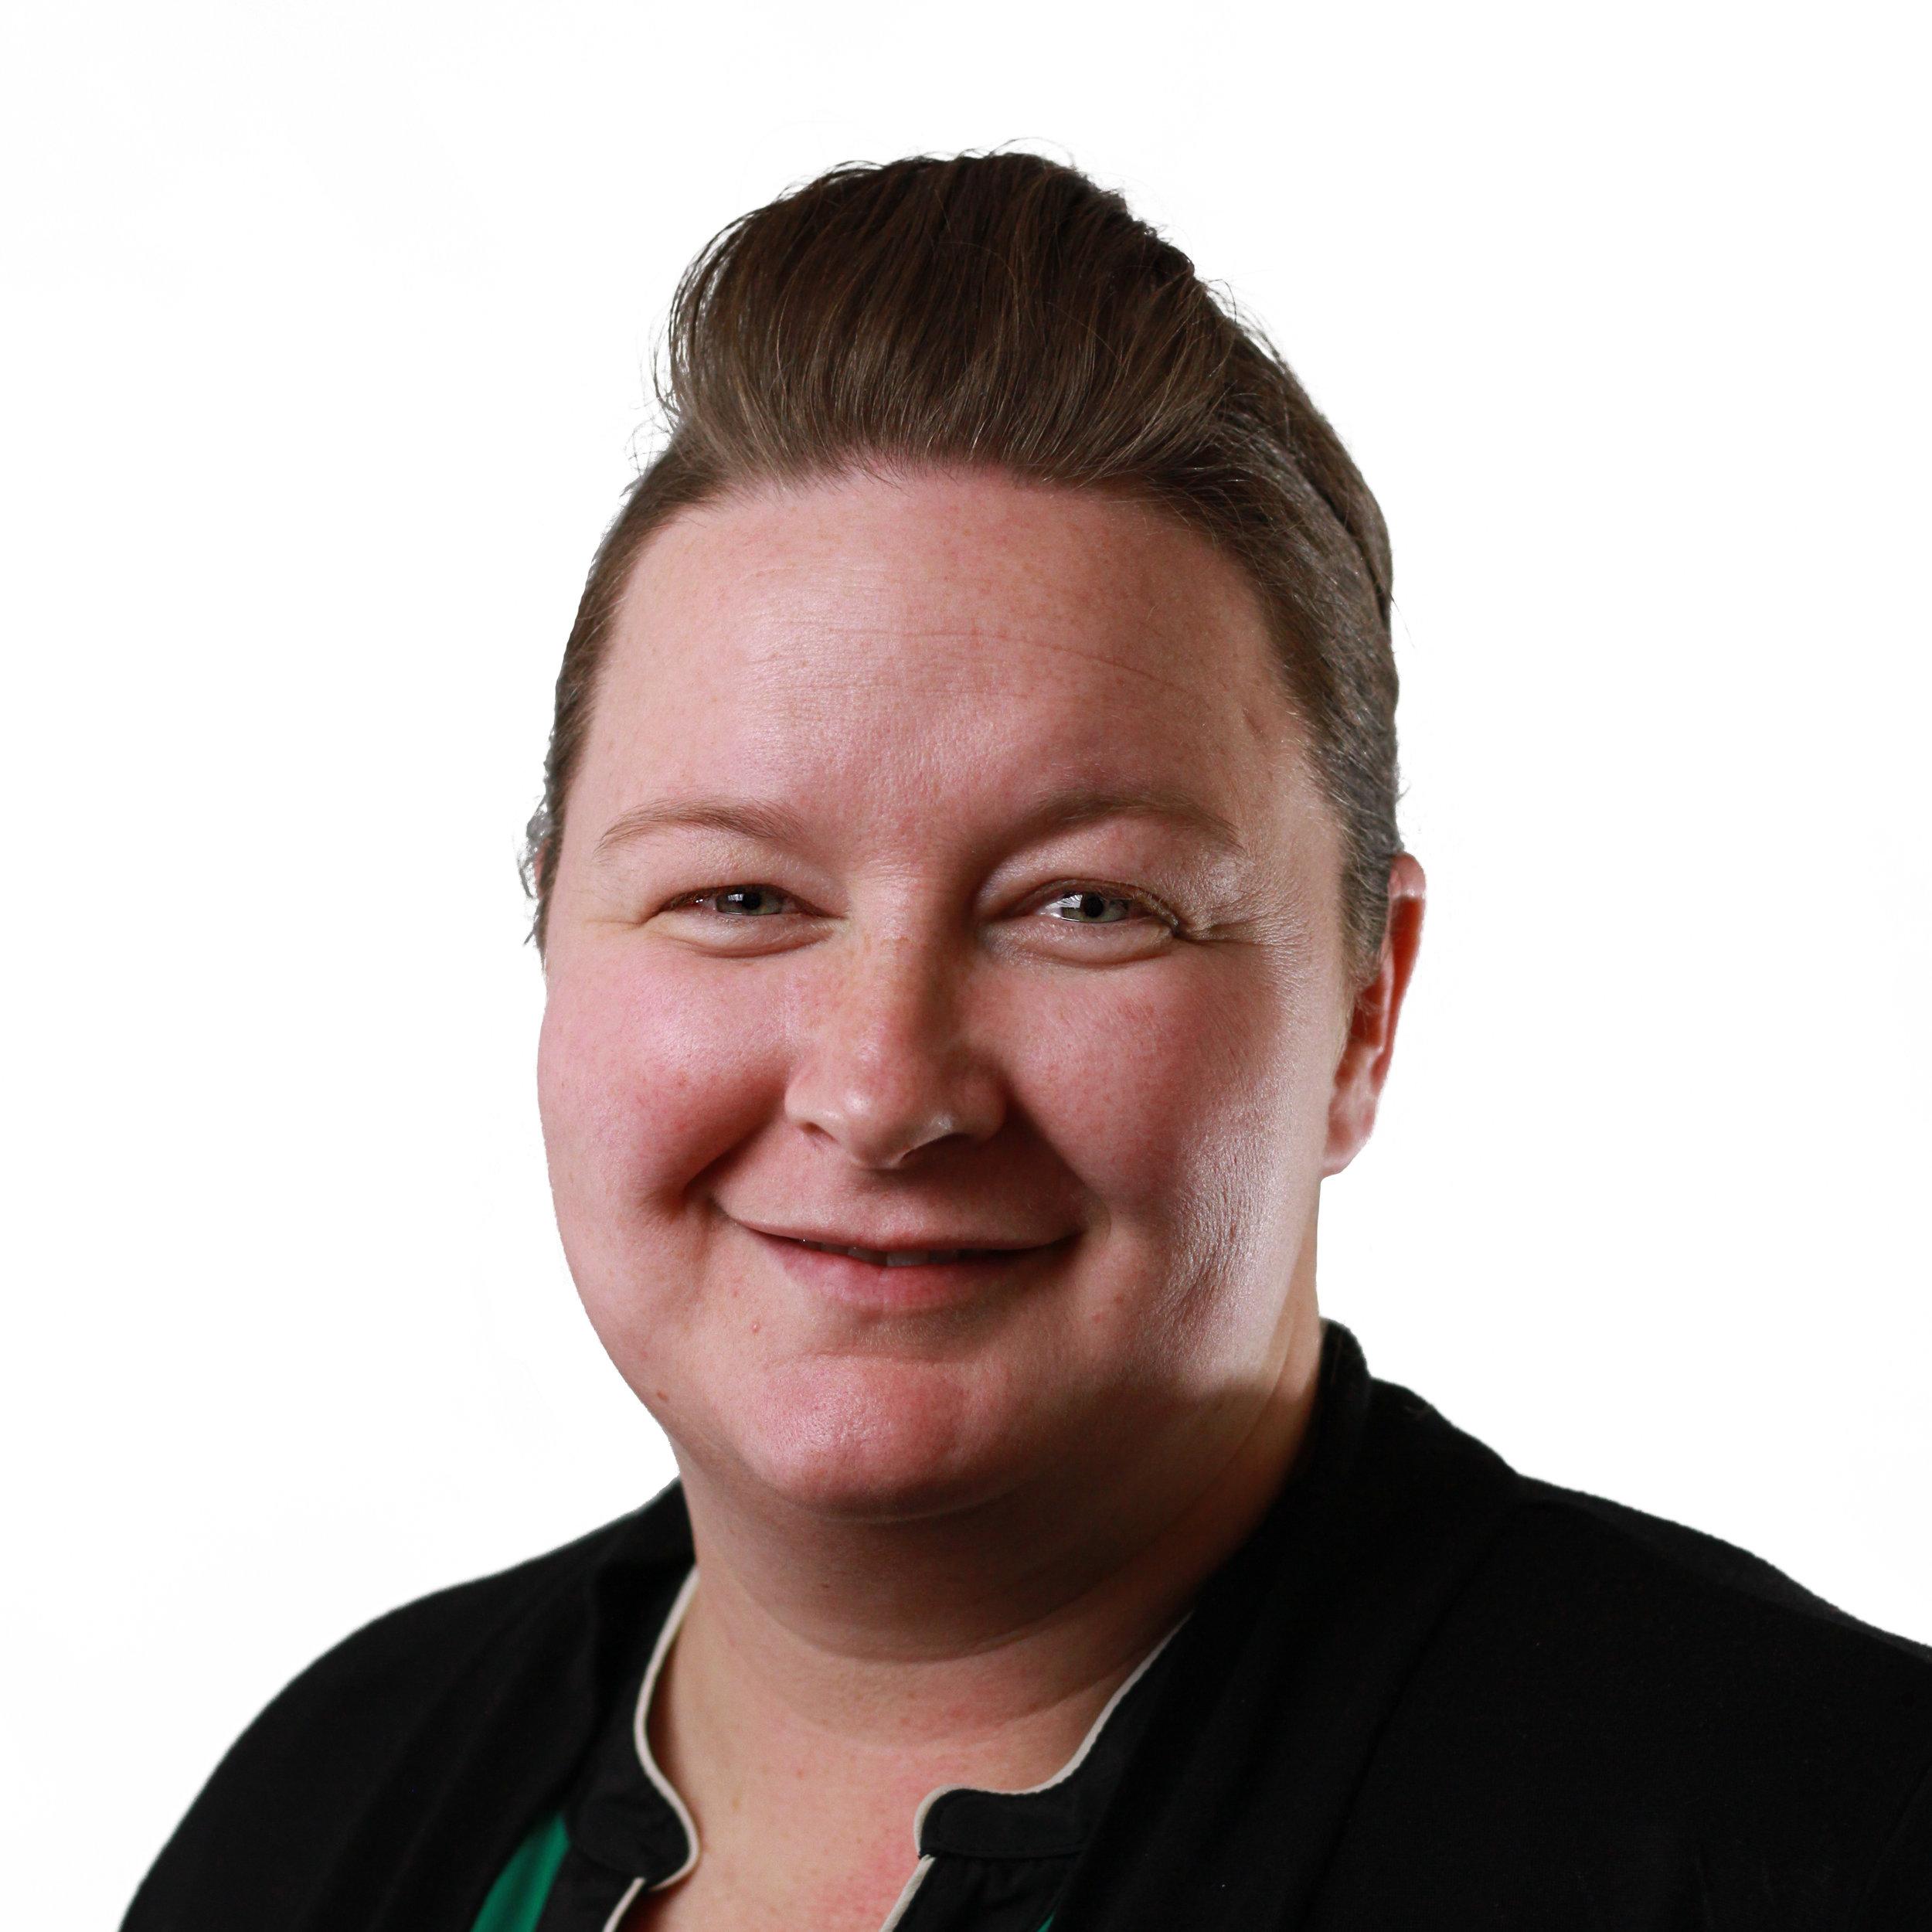 Faith Kleiman  - Choir Director / Sunday School Director / Women's Ministry